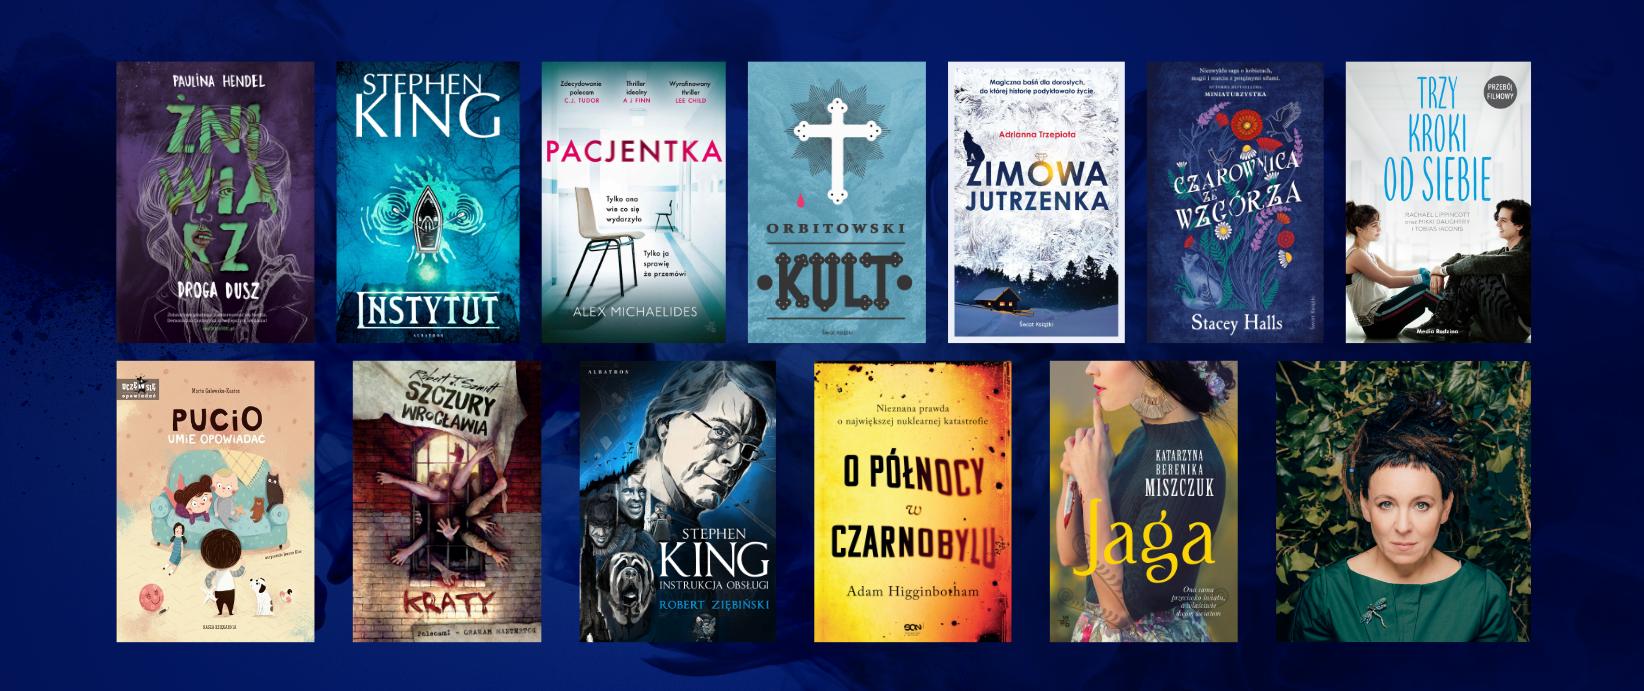 Laureaci plebiscytu Książki Roku 2019 lubimyczytać.pl